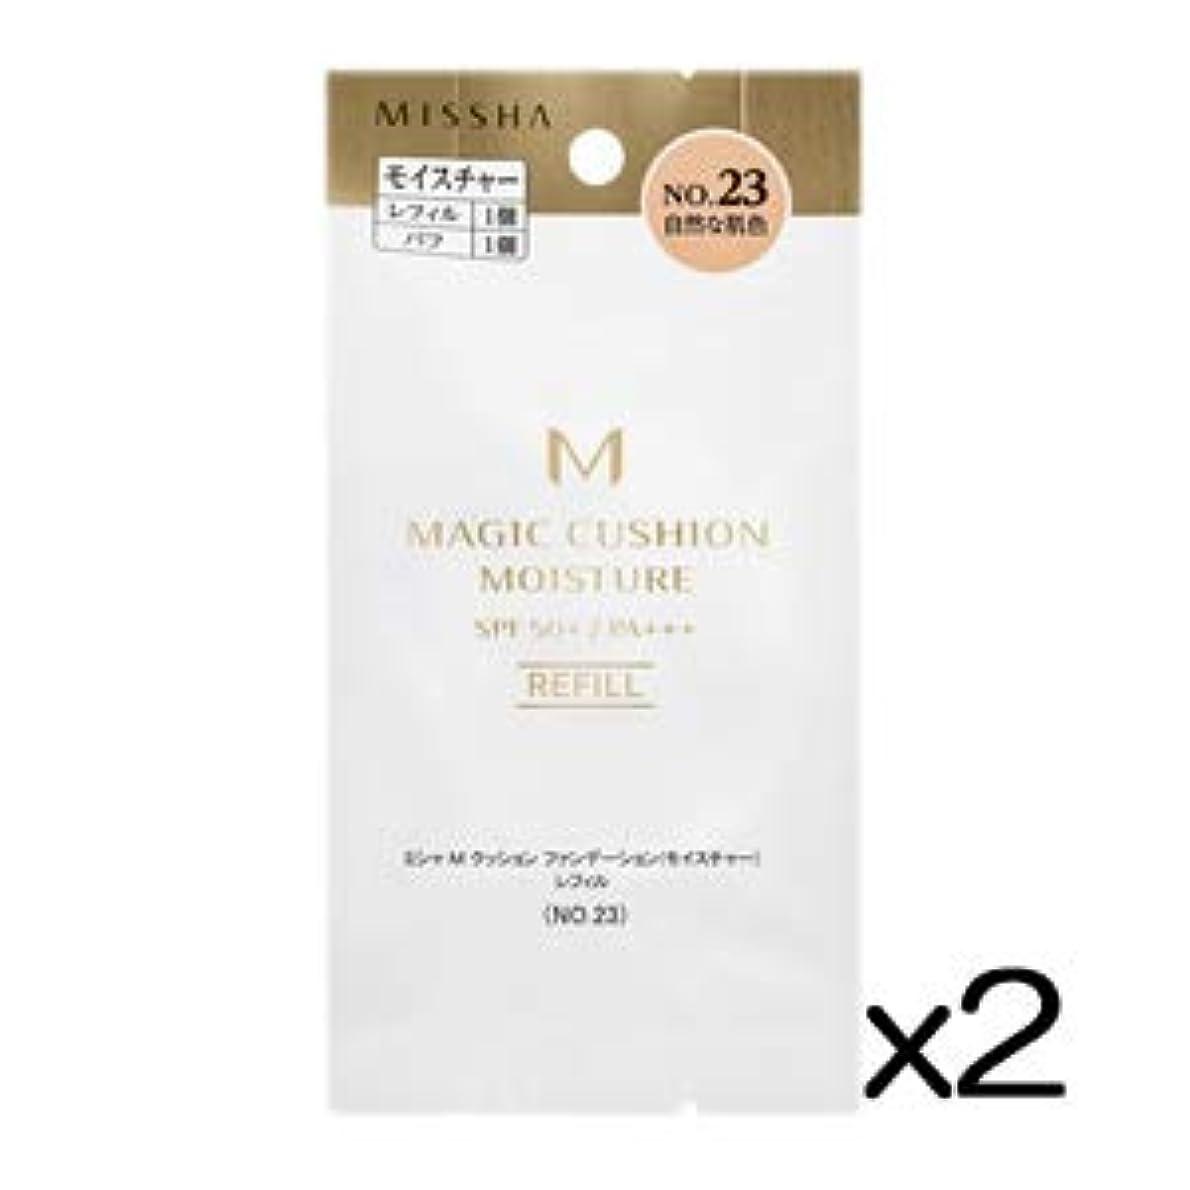 虐待発明パシフィックミシャ M クッション ファンデーション (モイスチャー) No.23 自然な肌色 レフィル 15g×2個セット